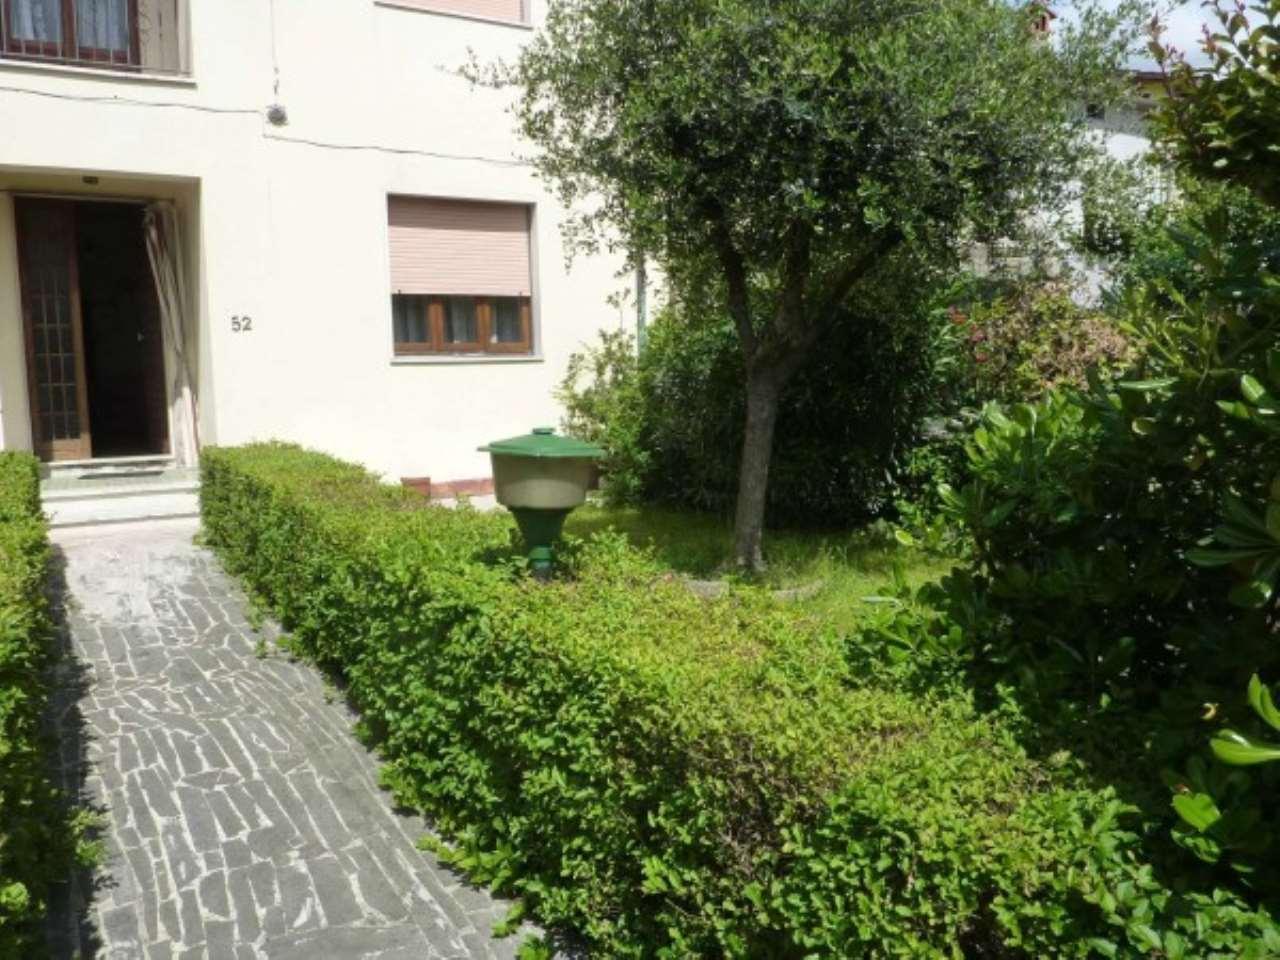 Soluzione Indipendente in vendita a Agliana, 6 locali, prezzo € 270.000 | CambioCasa.it